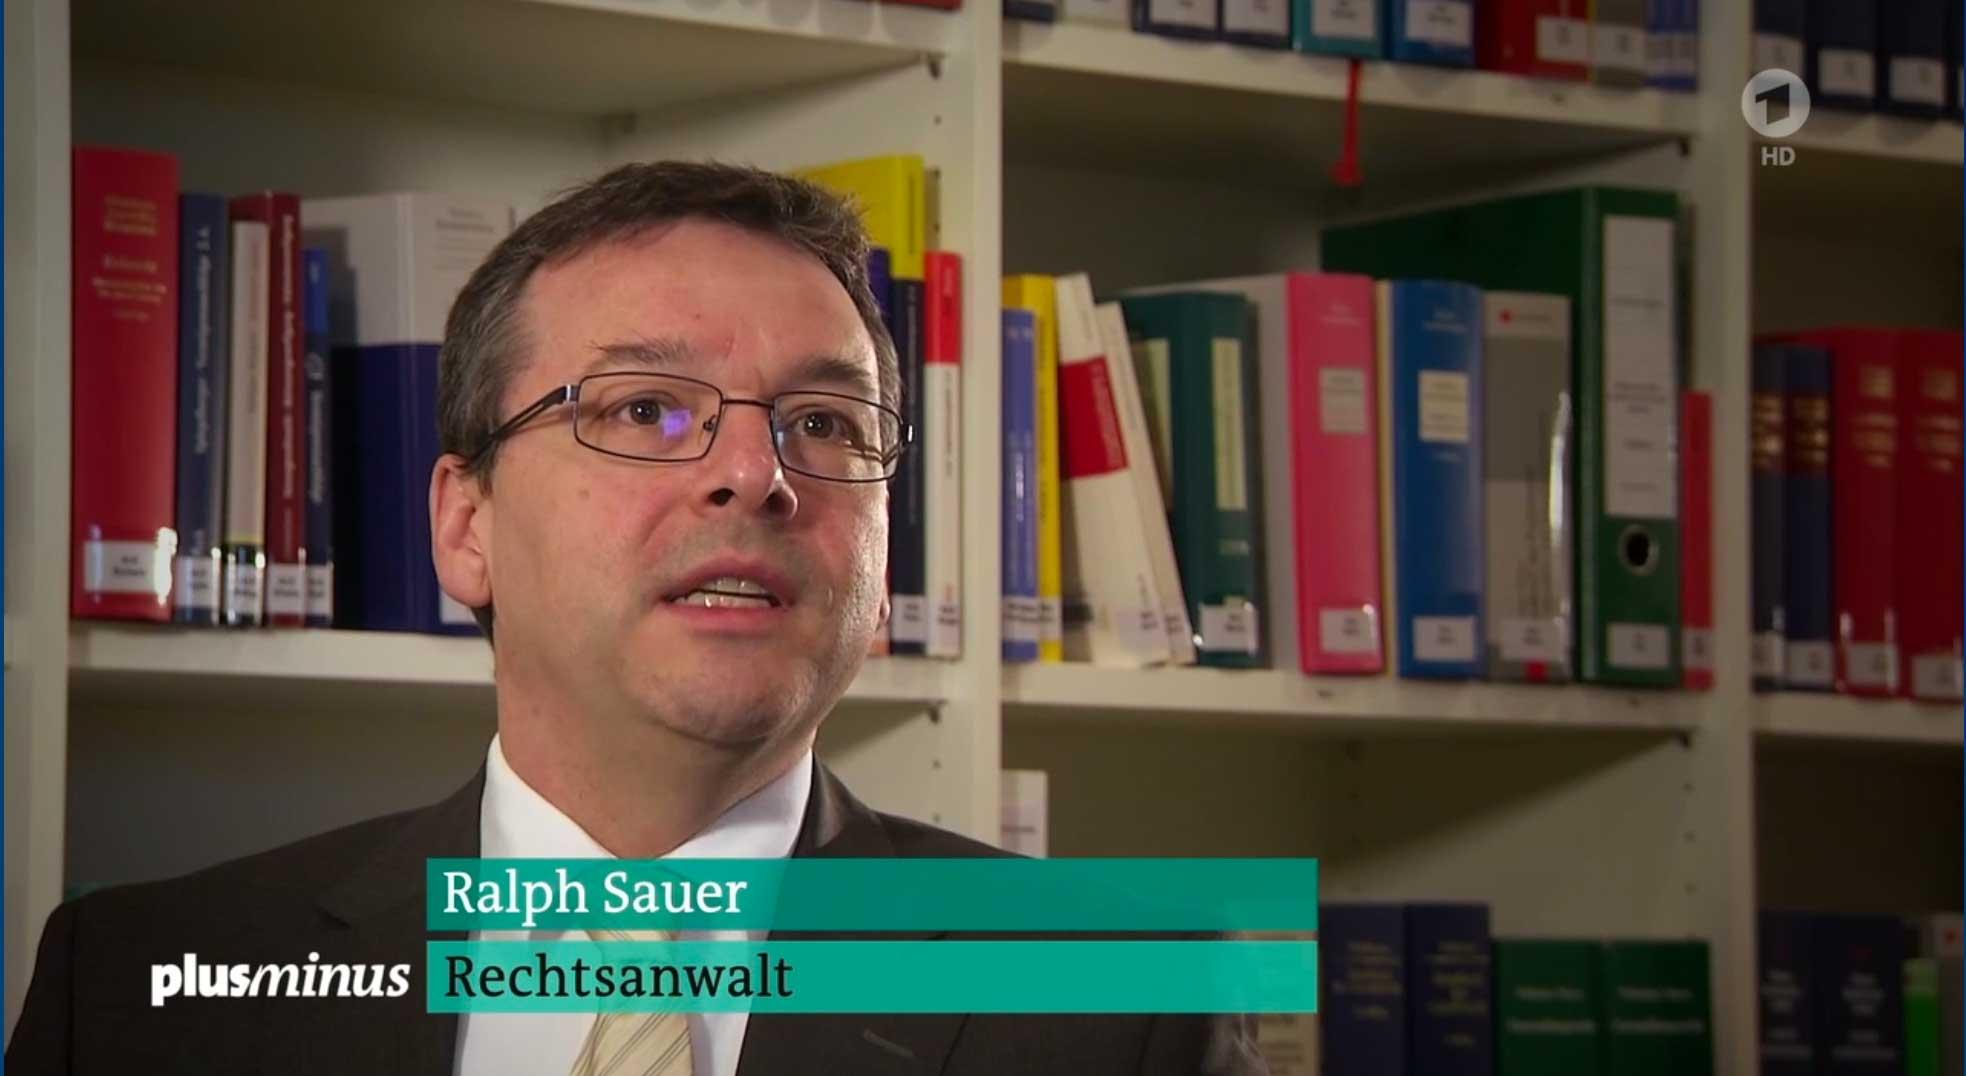 Dr Stoll Und Sauer Unseriös